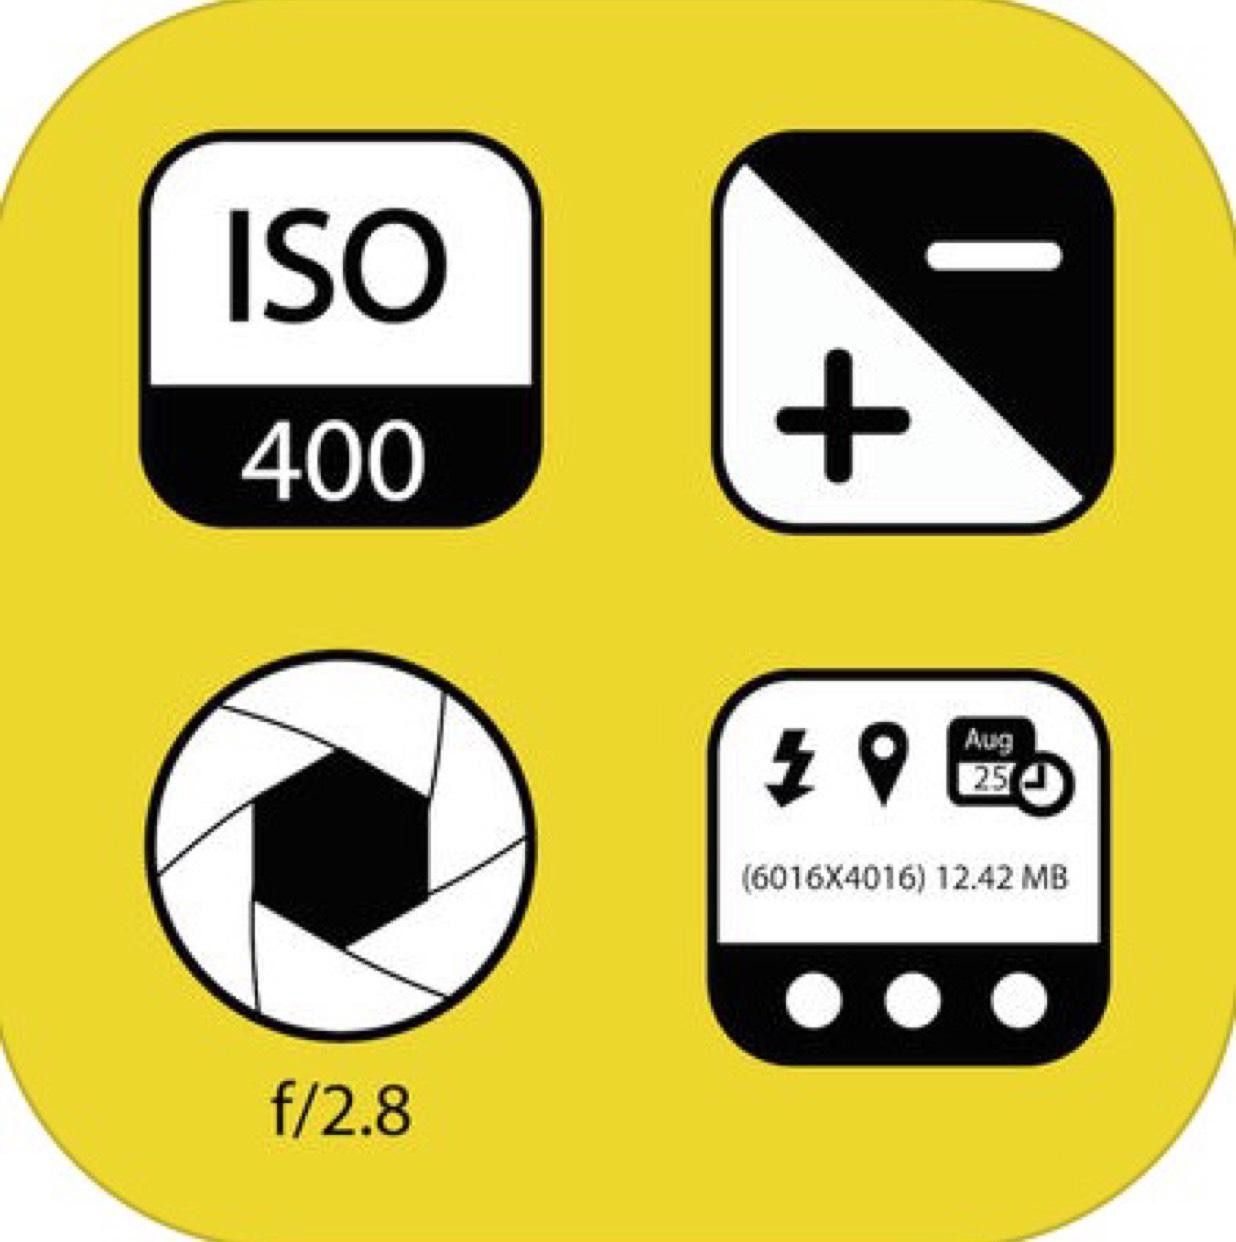 [iOS] EXIF Viewer - View, Remove GPS erneut kostenlos statt 3,49€